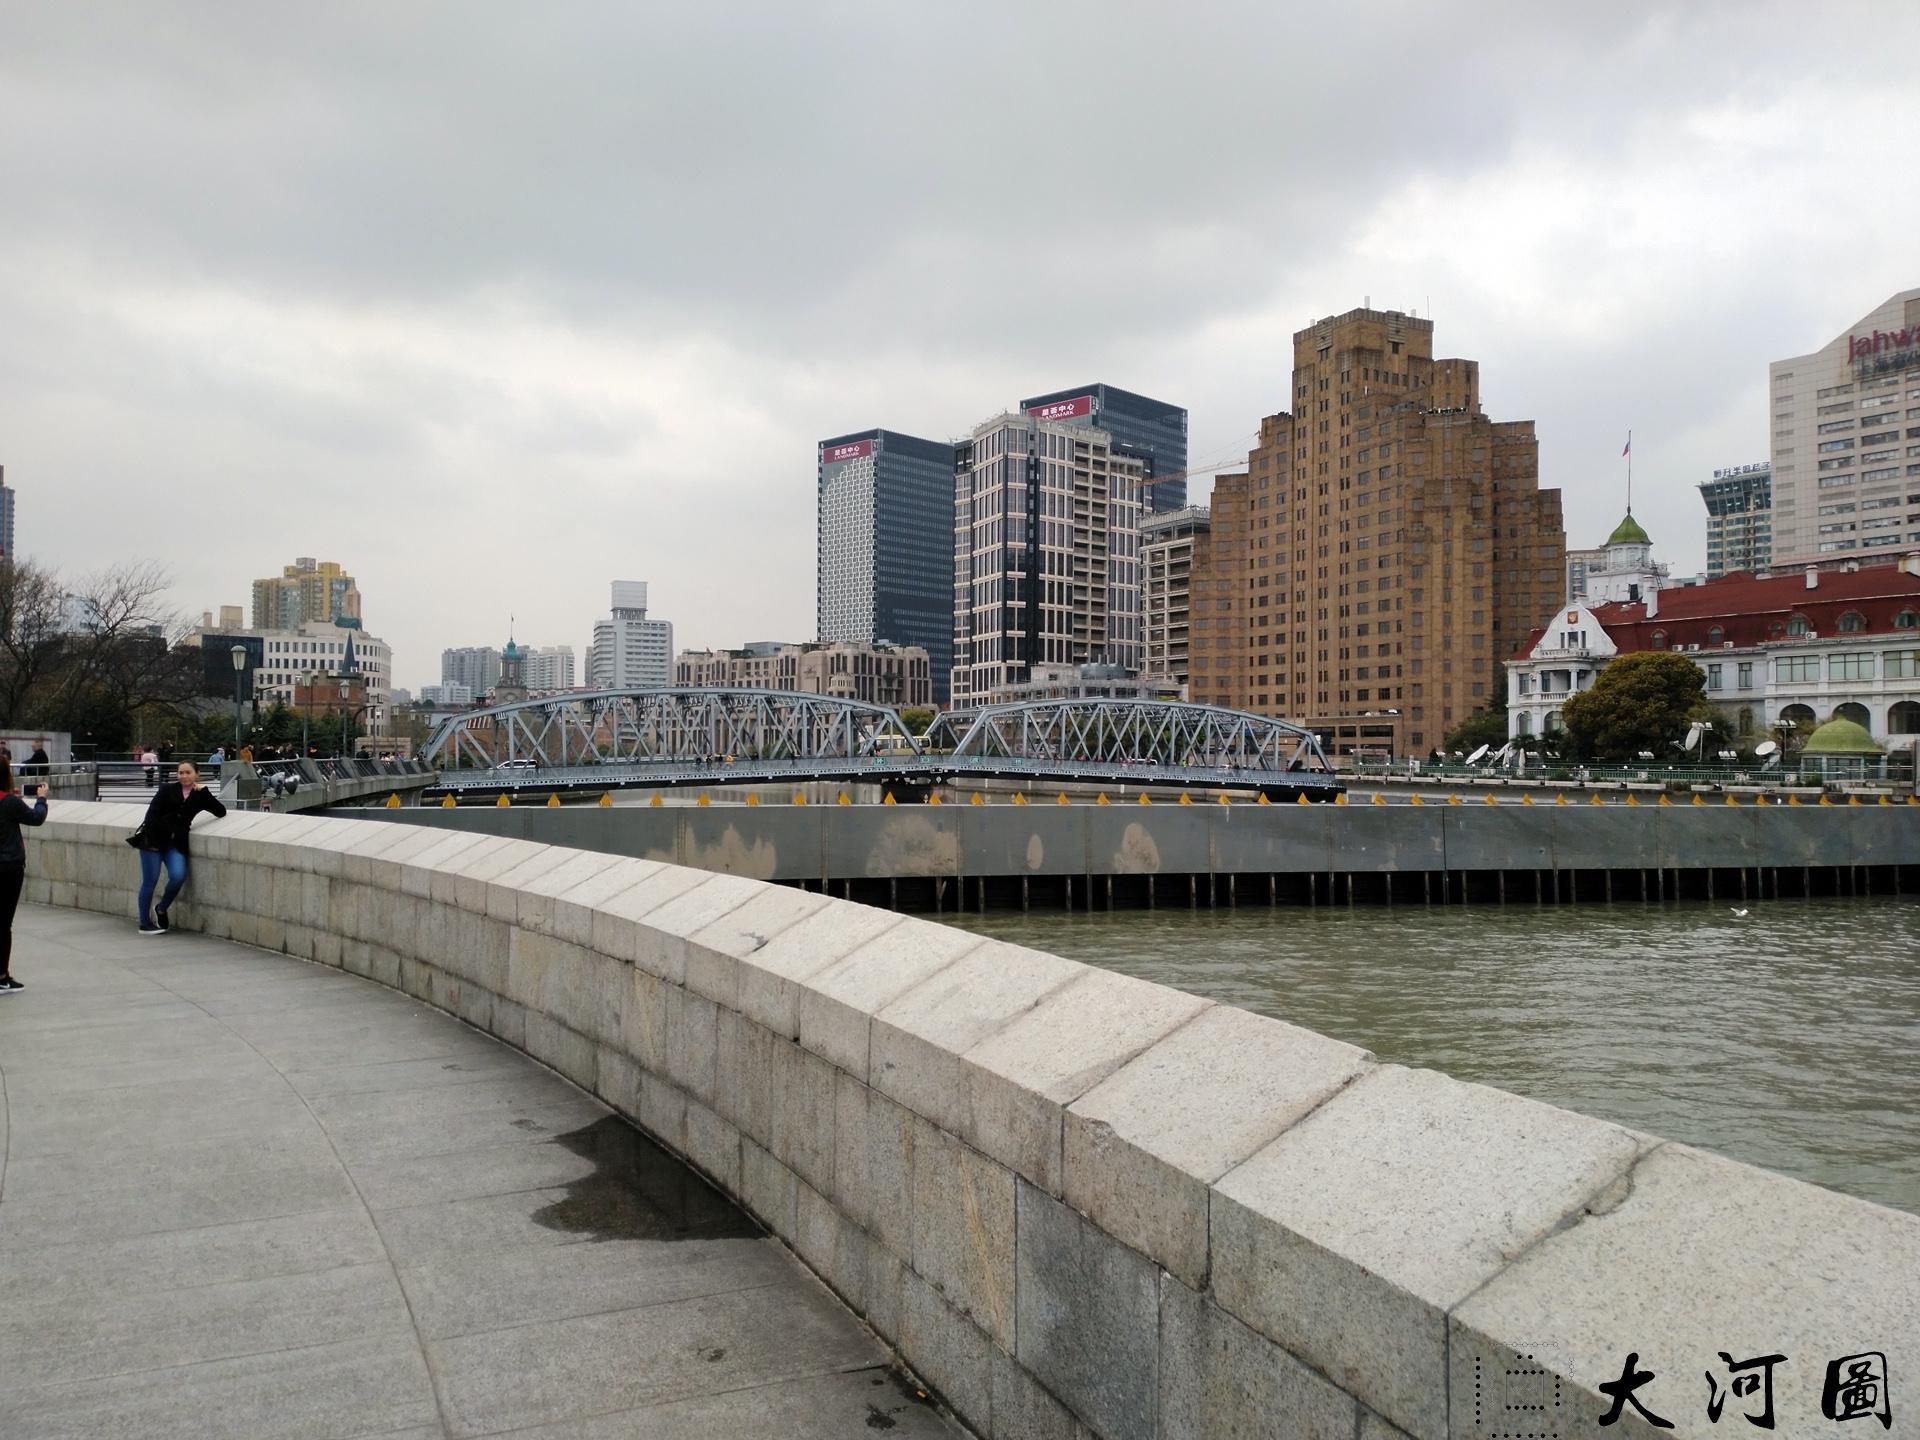 上海外白渡桥英文名称花园桥Garden Bridge of Shanghai 沧桑走过 摄影 第2张